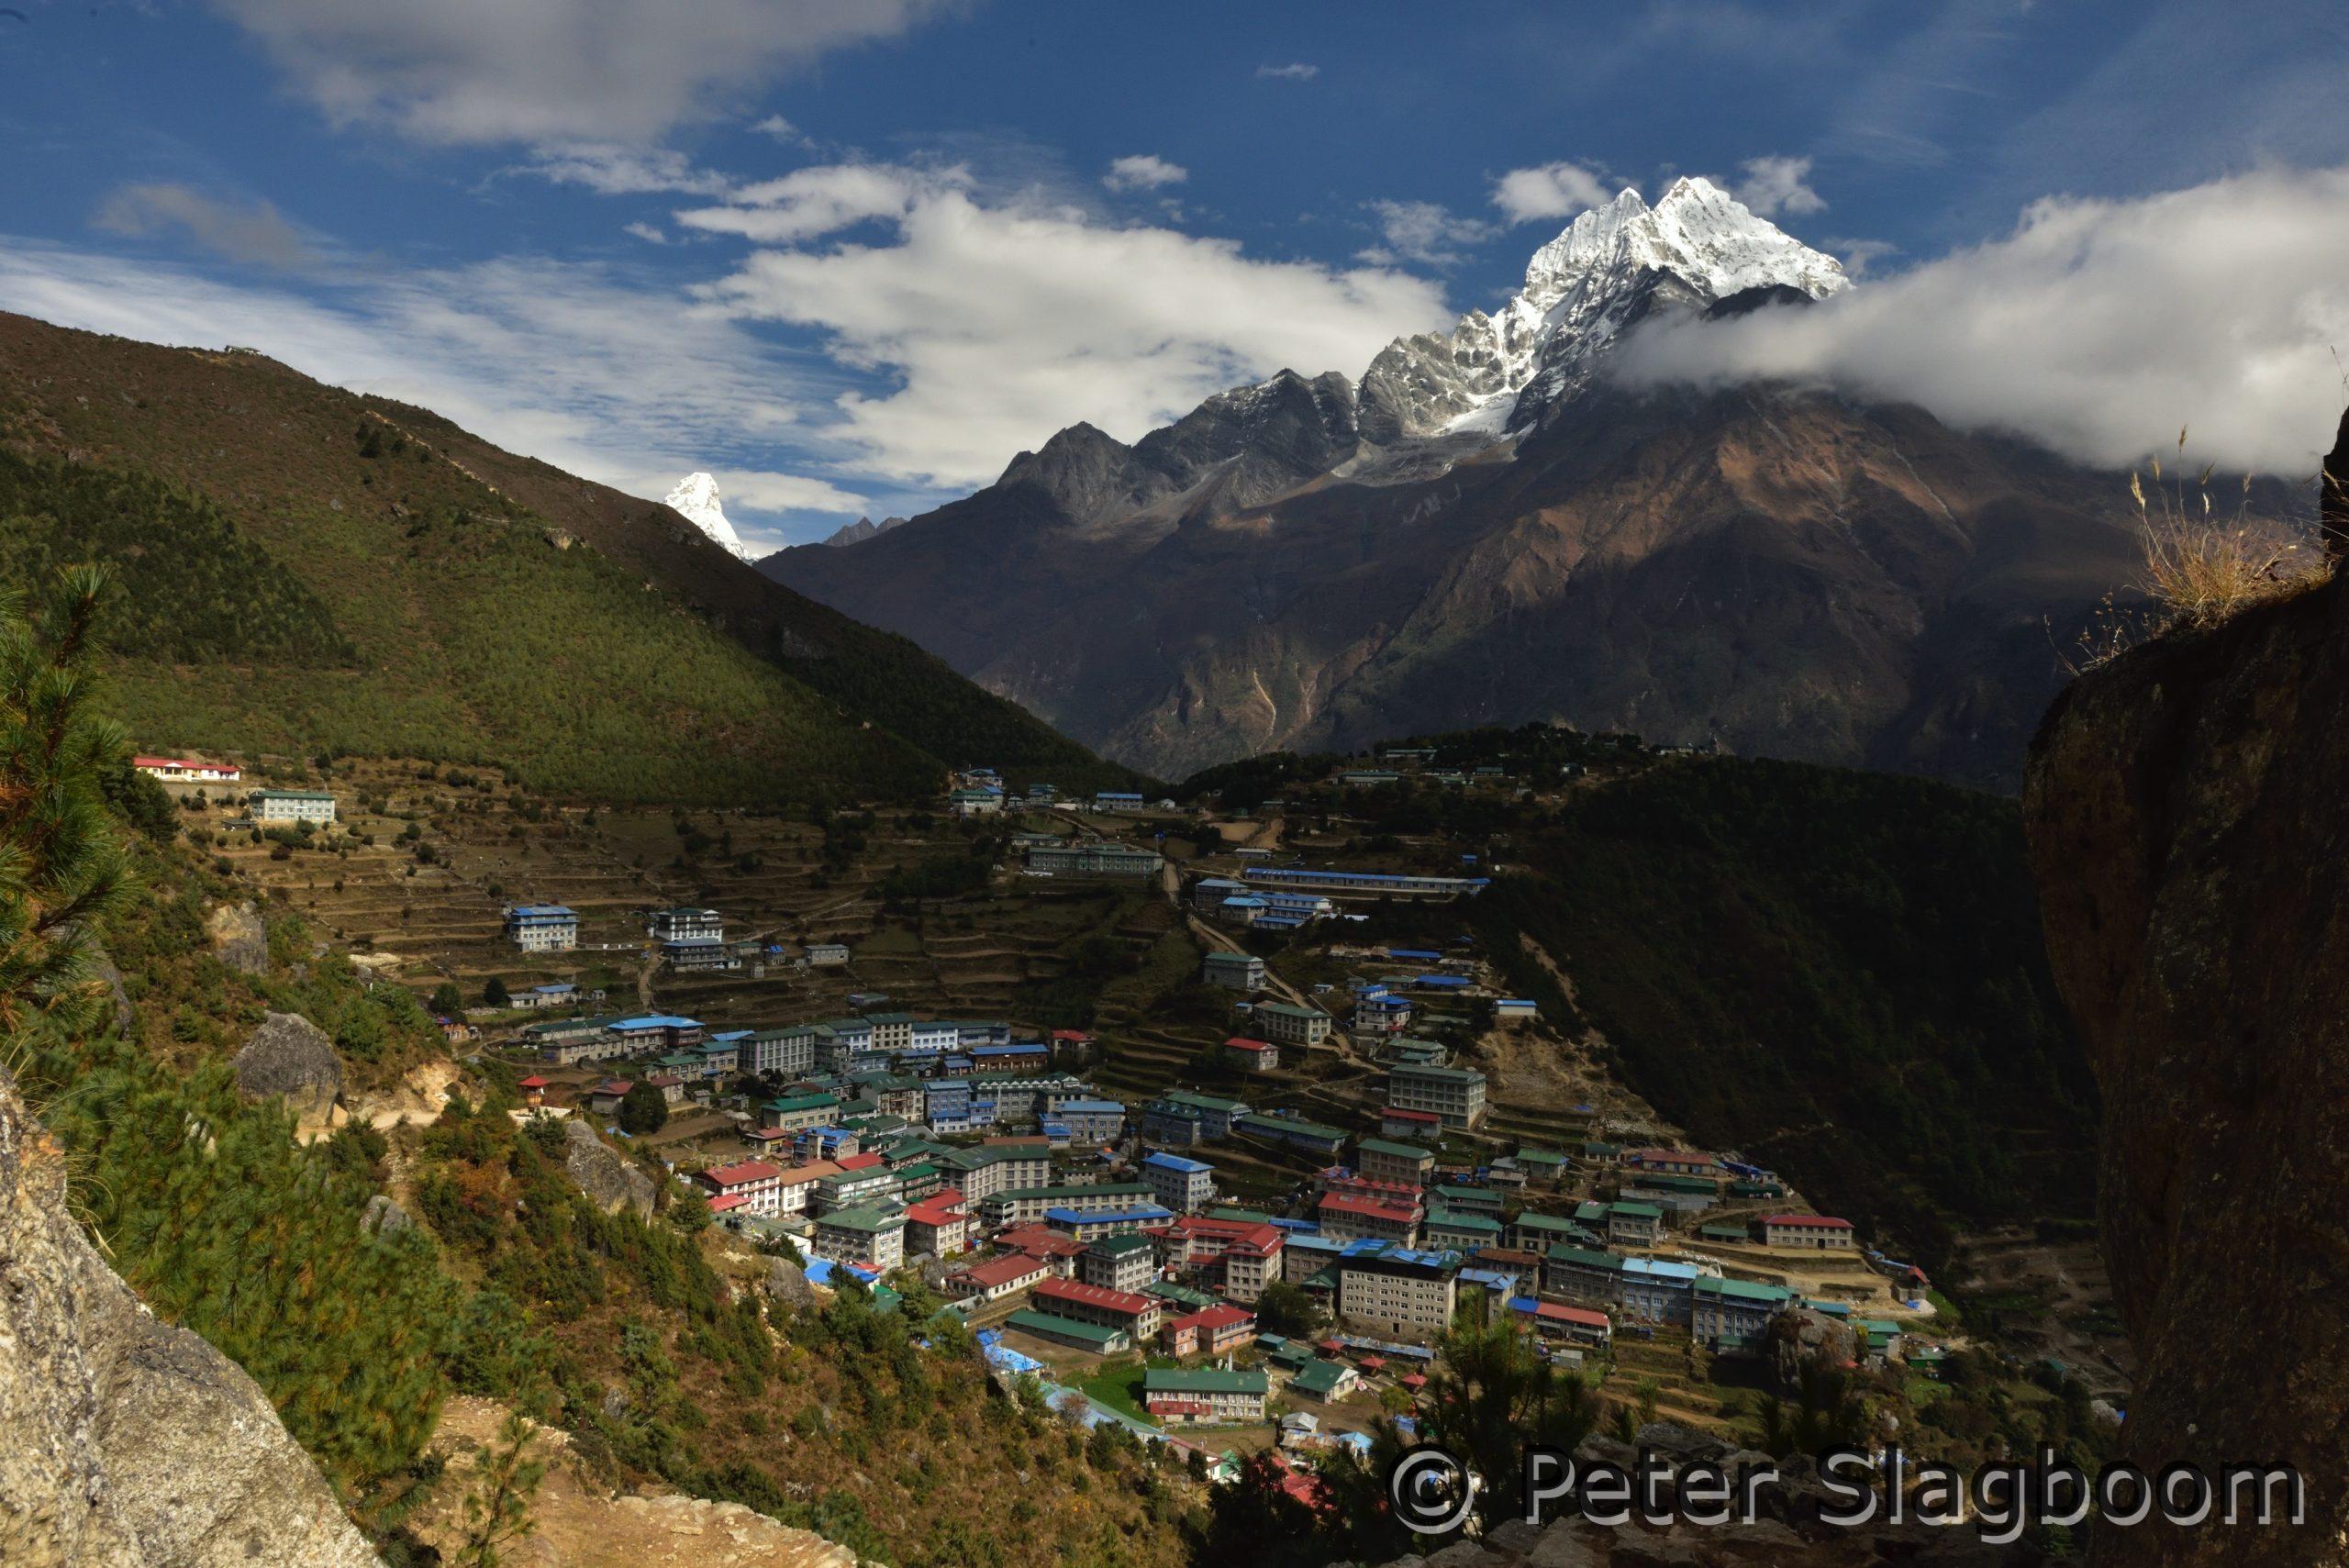 Nepal - Three passes